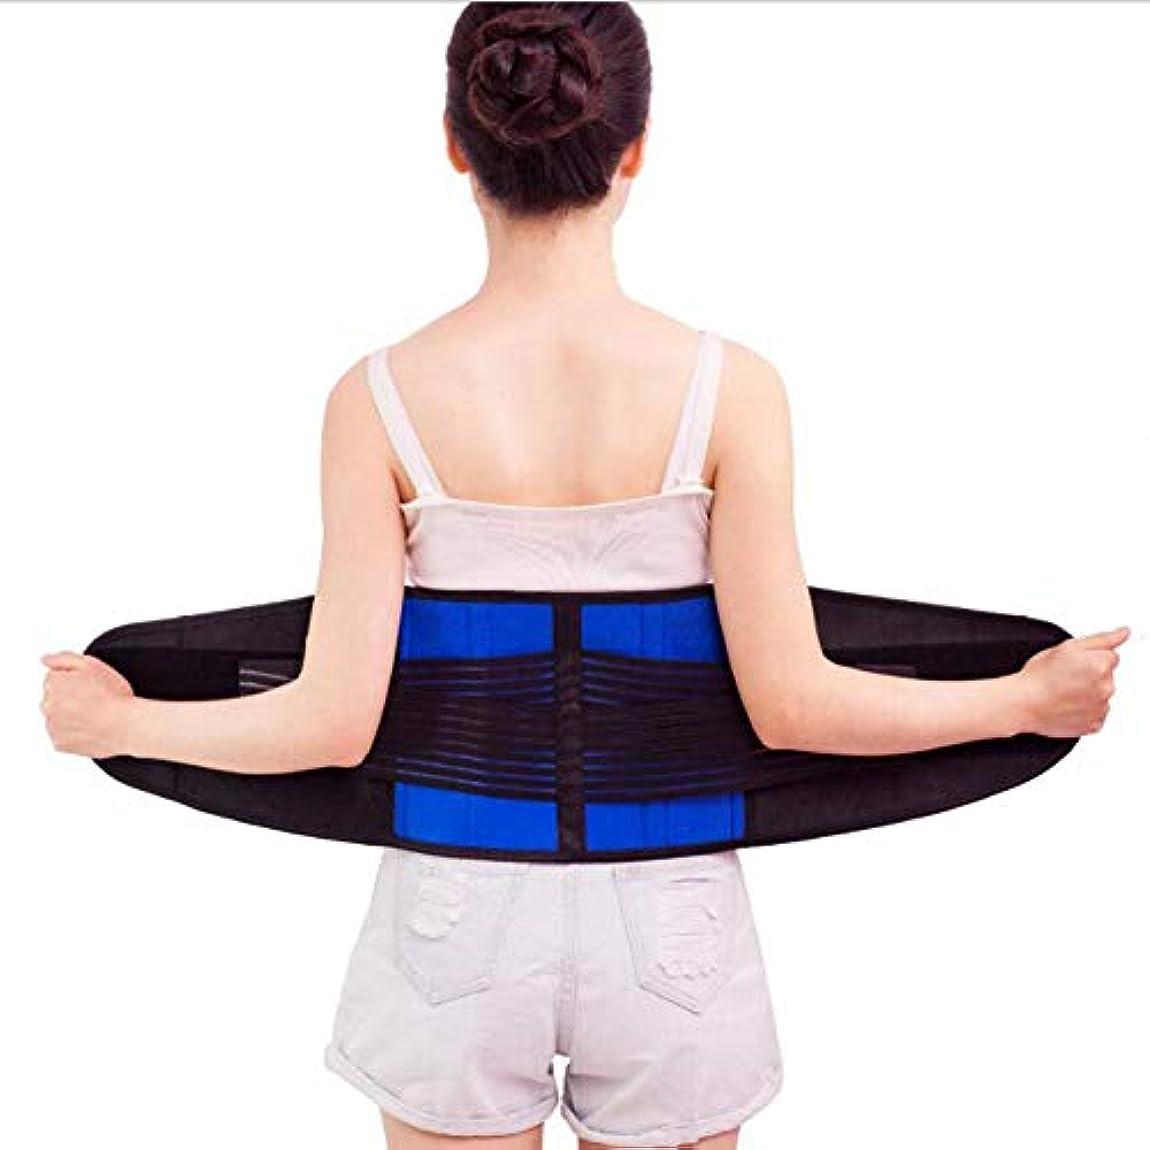 プレミアム調節可能なウエストバックサポートベルトランバーサポートローバックブレースベルト通気性メッシュパネル痛み緩和腰椎プロテクター用ジム,XXXL